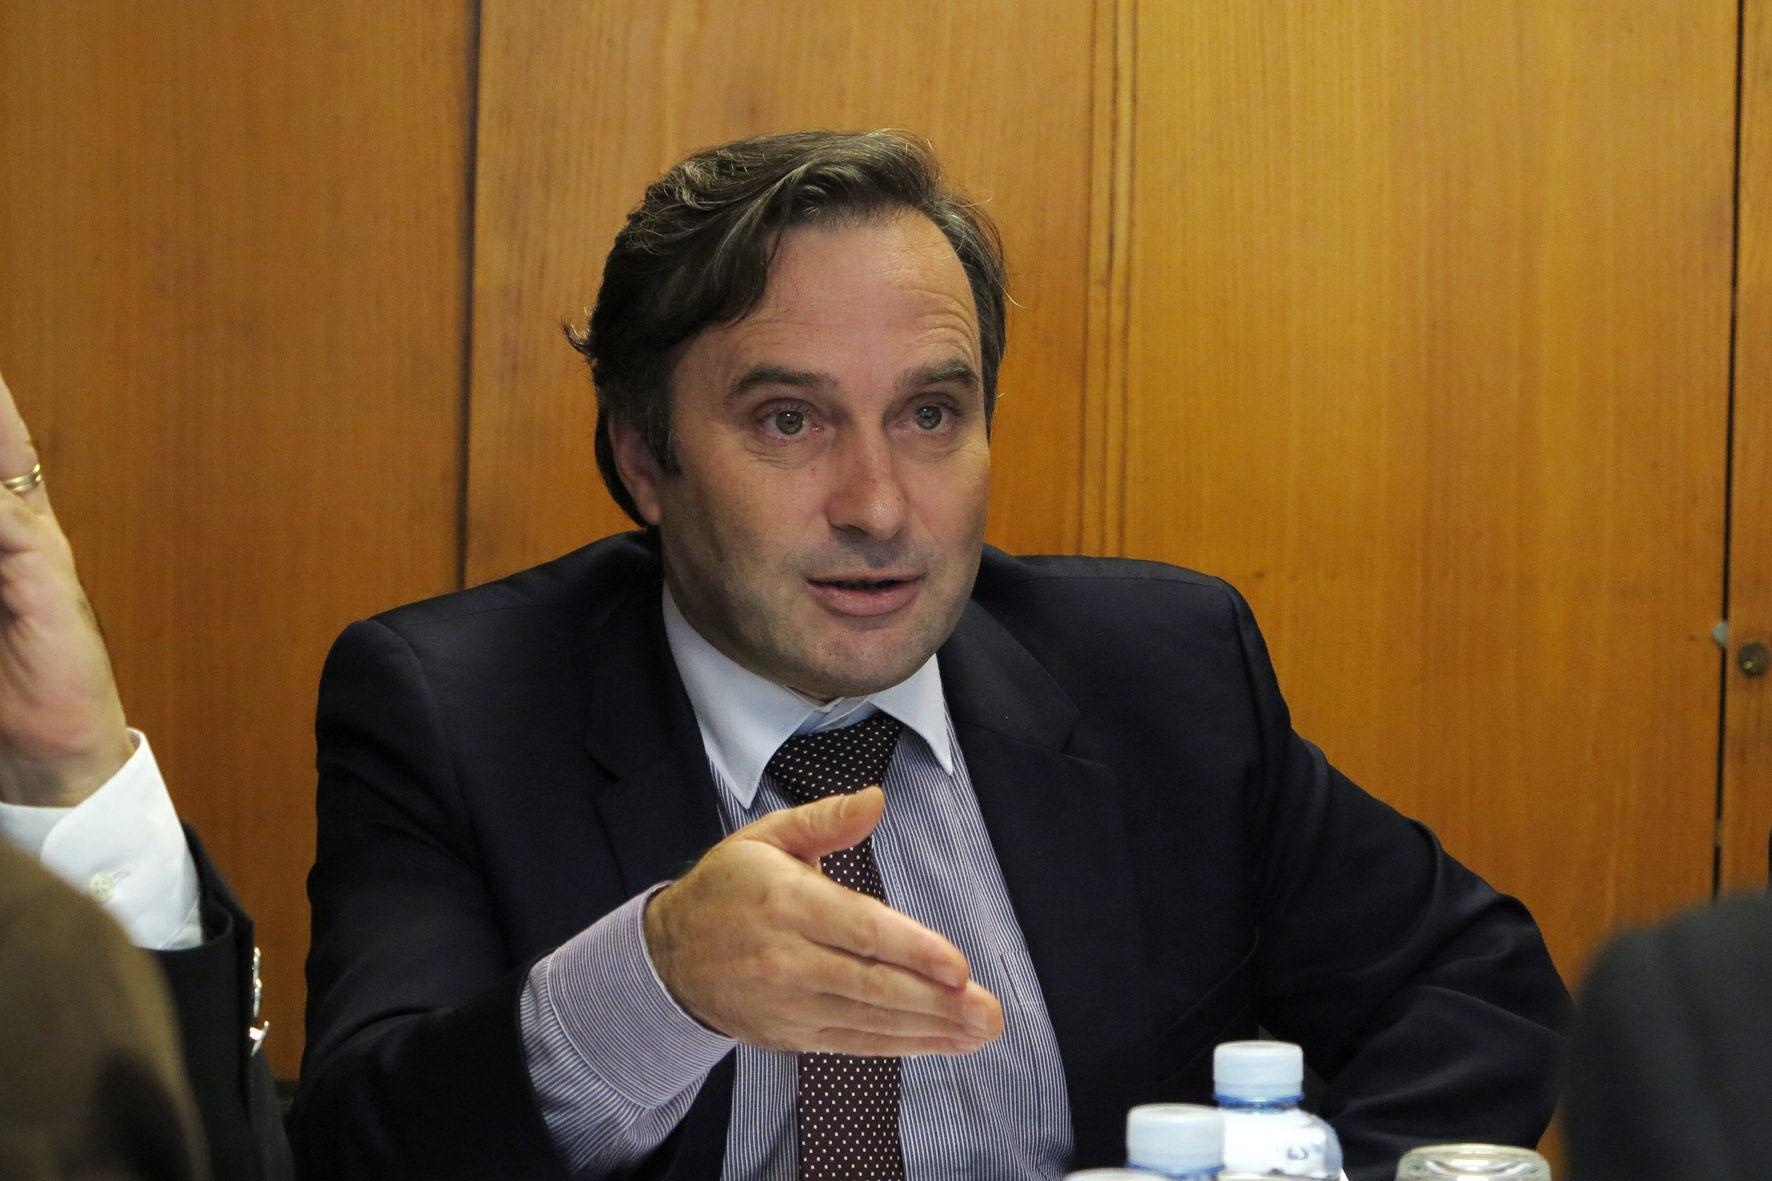 Região duplica investimento na beneficiação e reabilitação de estradas em 2016, revela Vítor Fraga